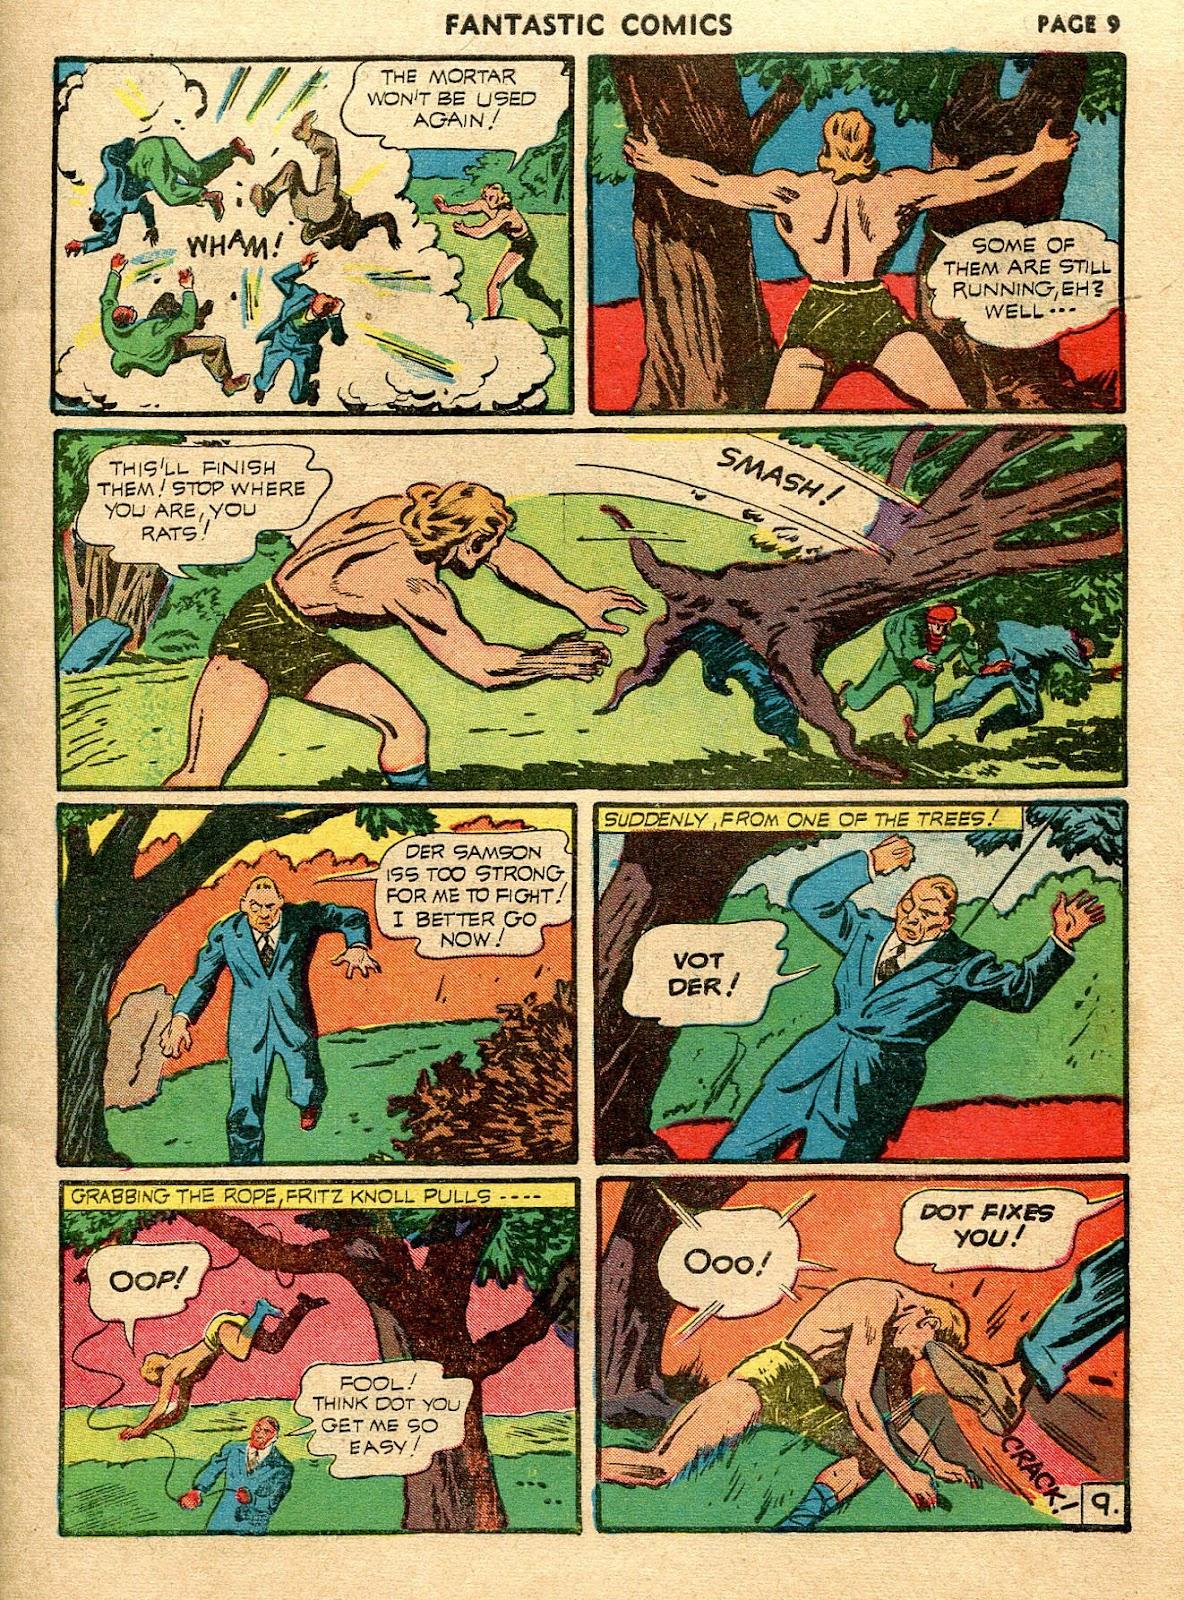 Read online Fantastic Comics comic -  Issue #21 - 11